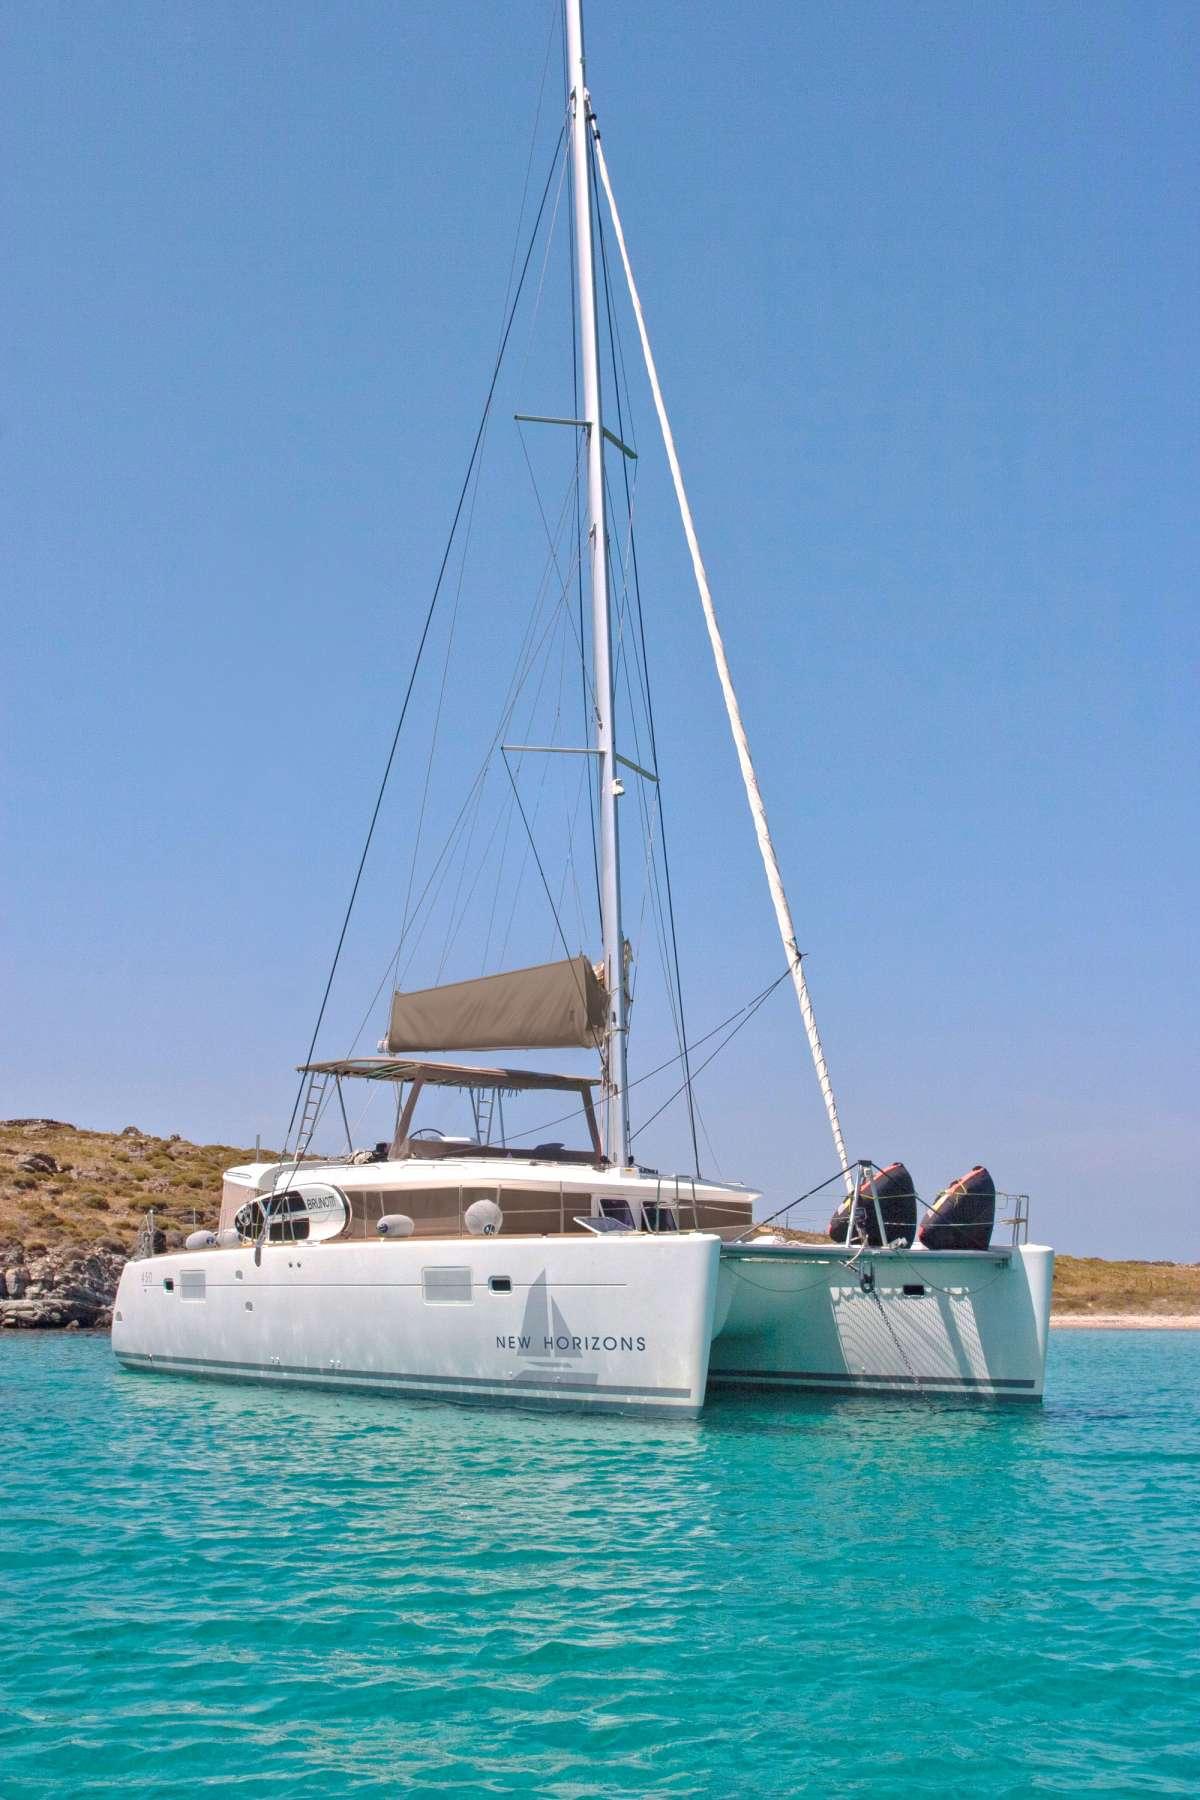 Yacht NEW HORIZONS